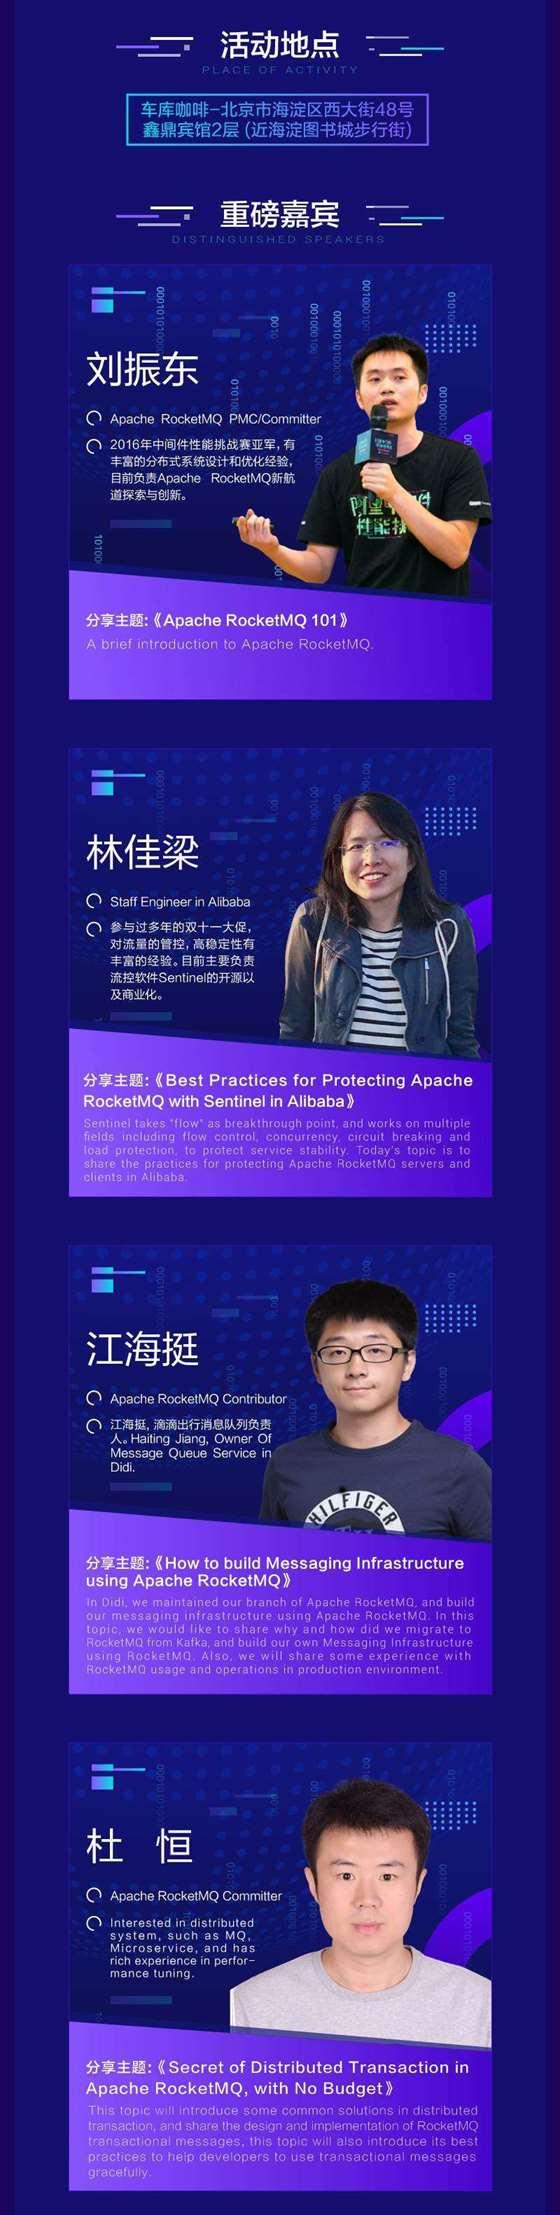 EDM邮件设计---北京-_03.jpg